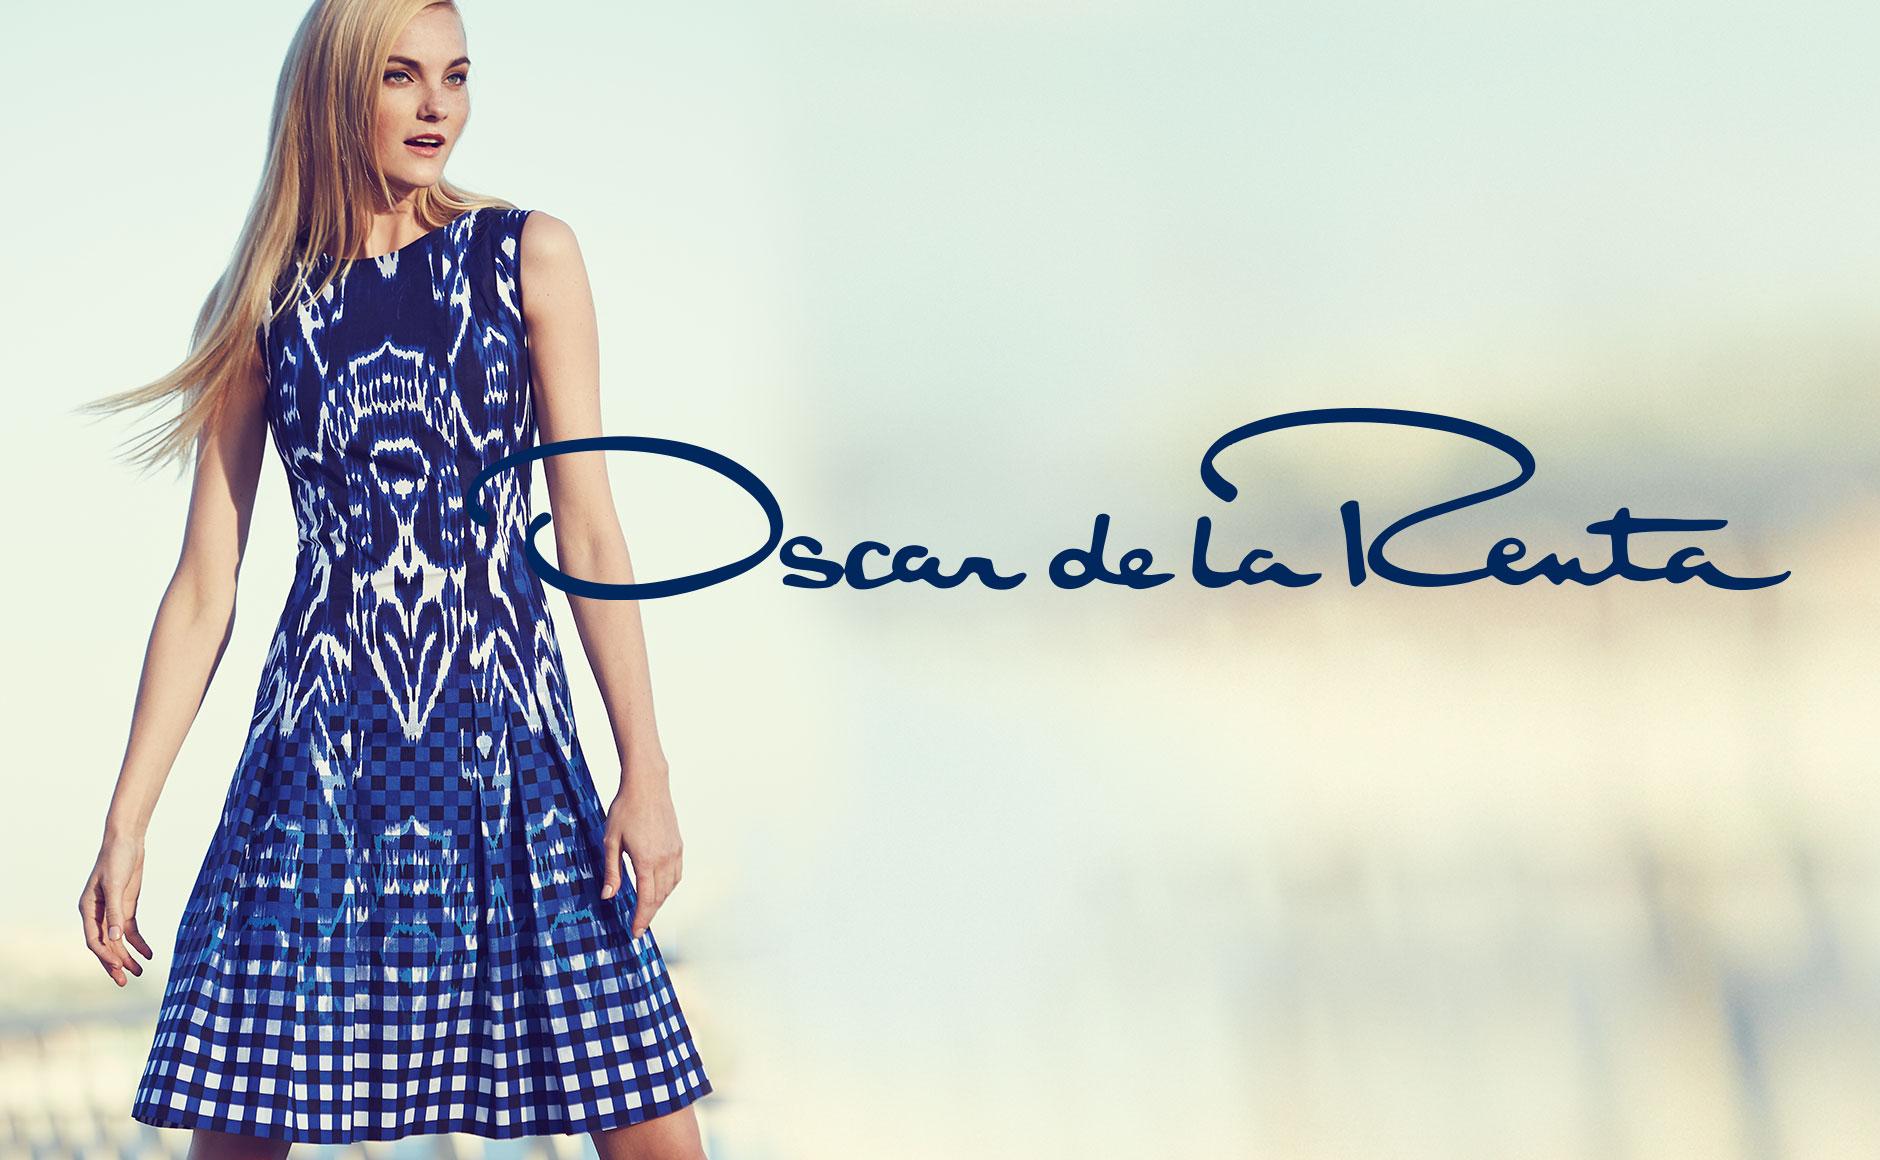 Neiman Marcus Wedding Gifts: Oscar De La Renta & Oscar De La Renta Fashion